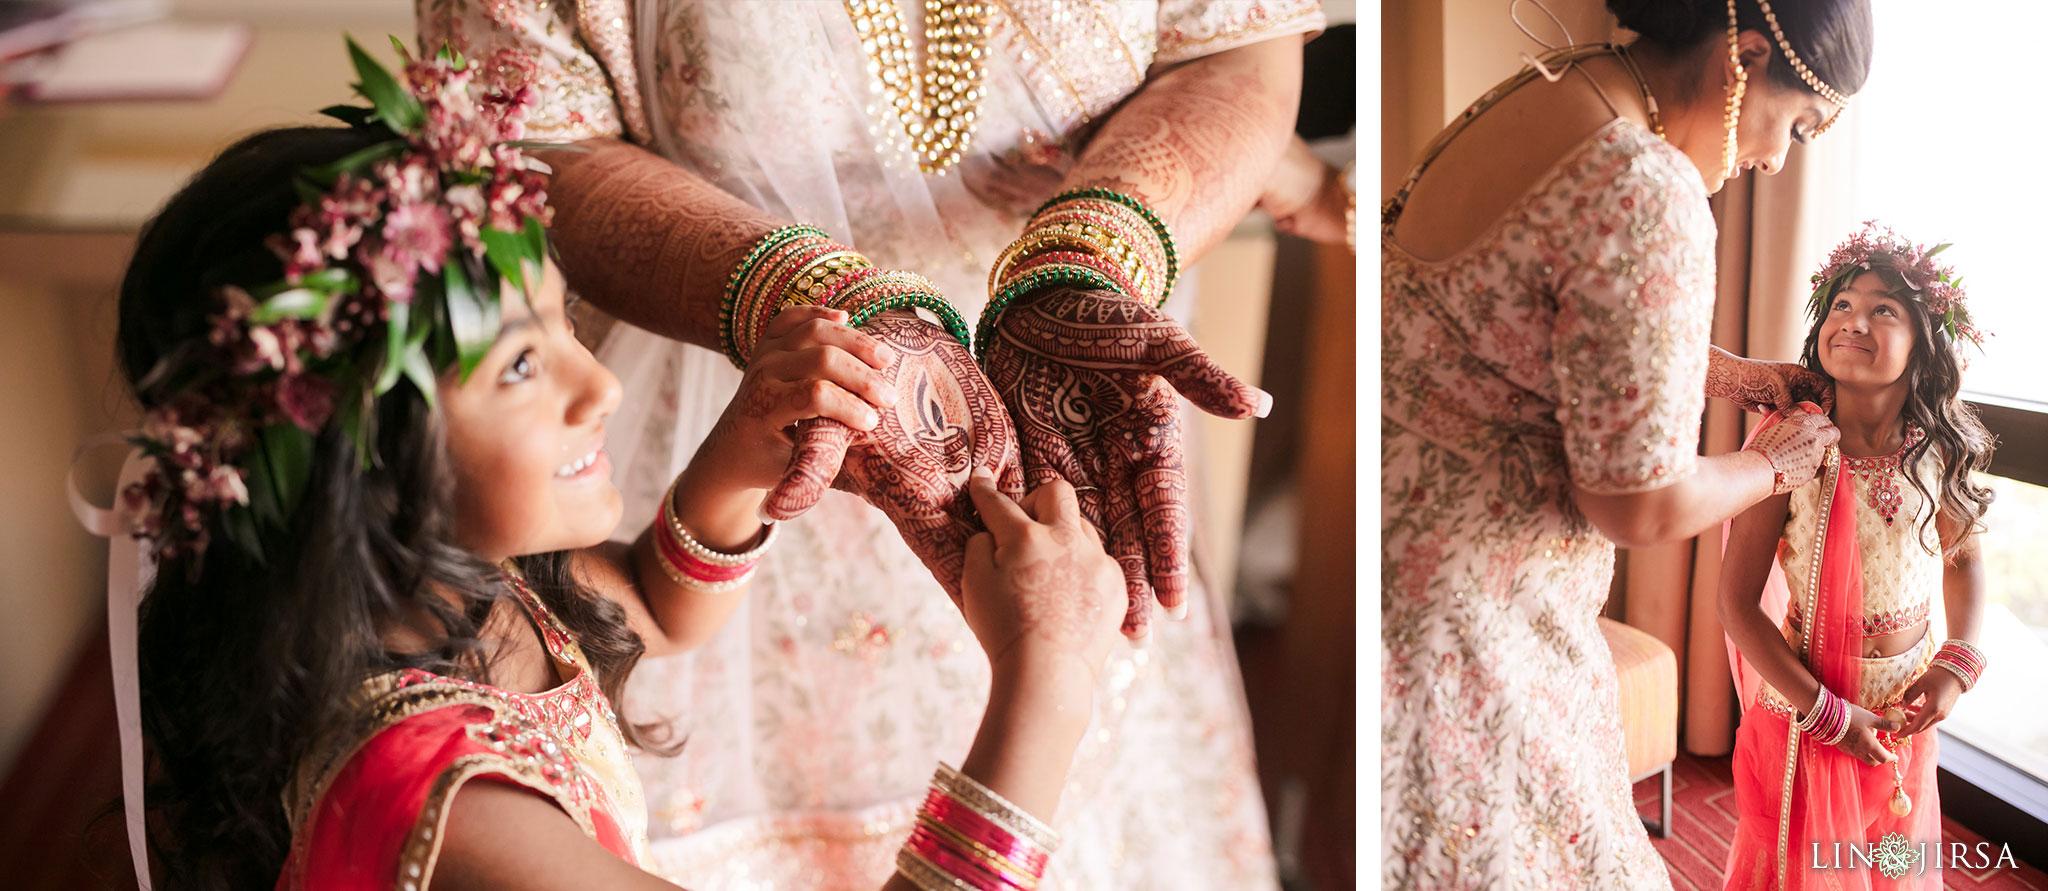 06 Hotel Irvine Indian Wedding Photography